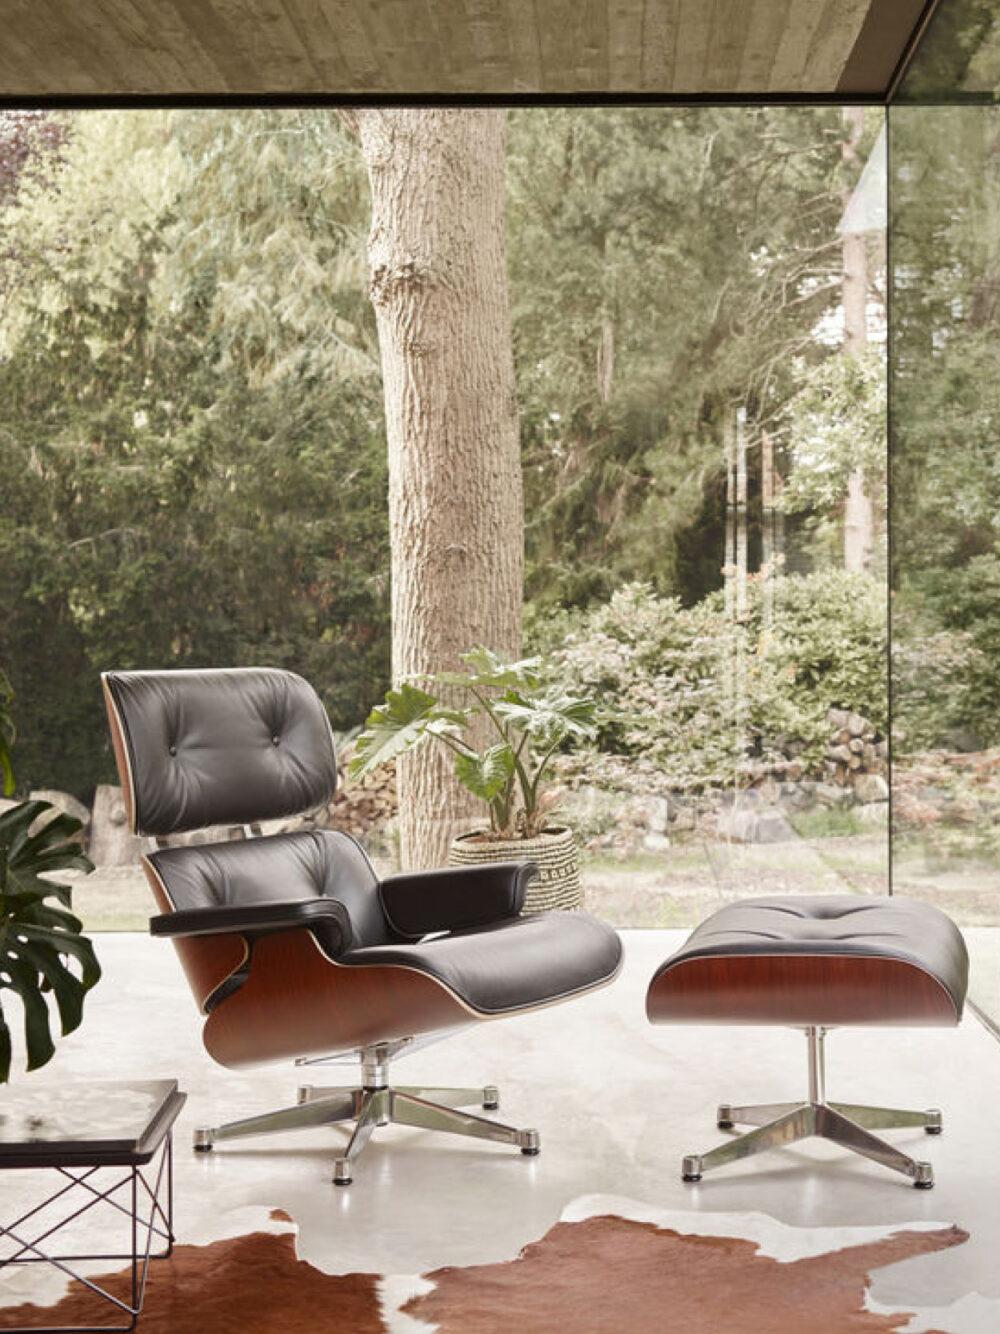 Der Vitra Eames Lounge Chair kann über Generationen weitergegeben werden.